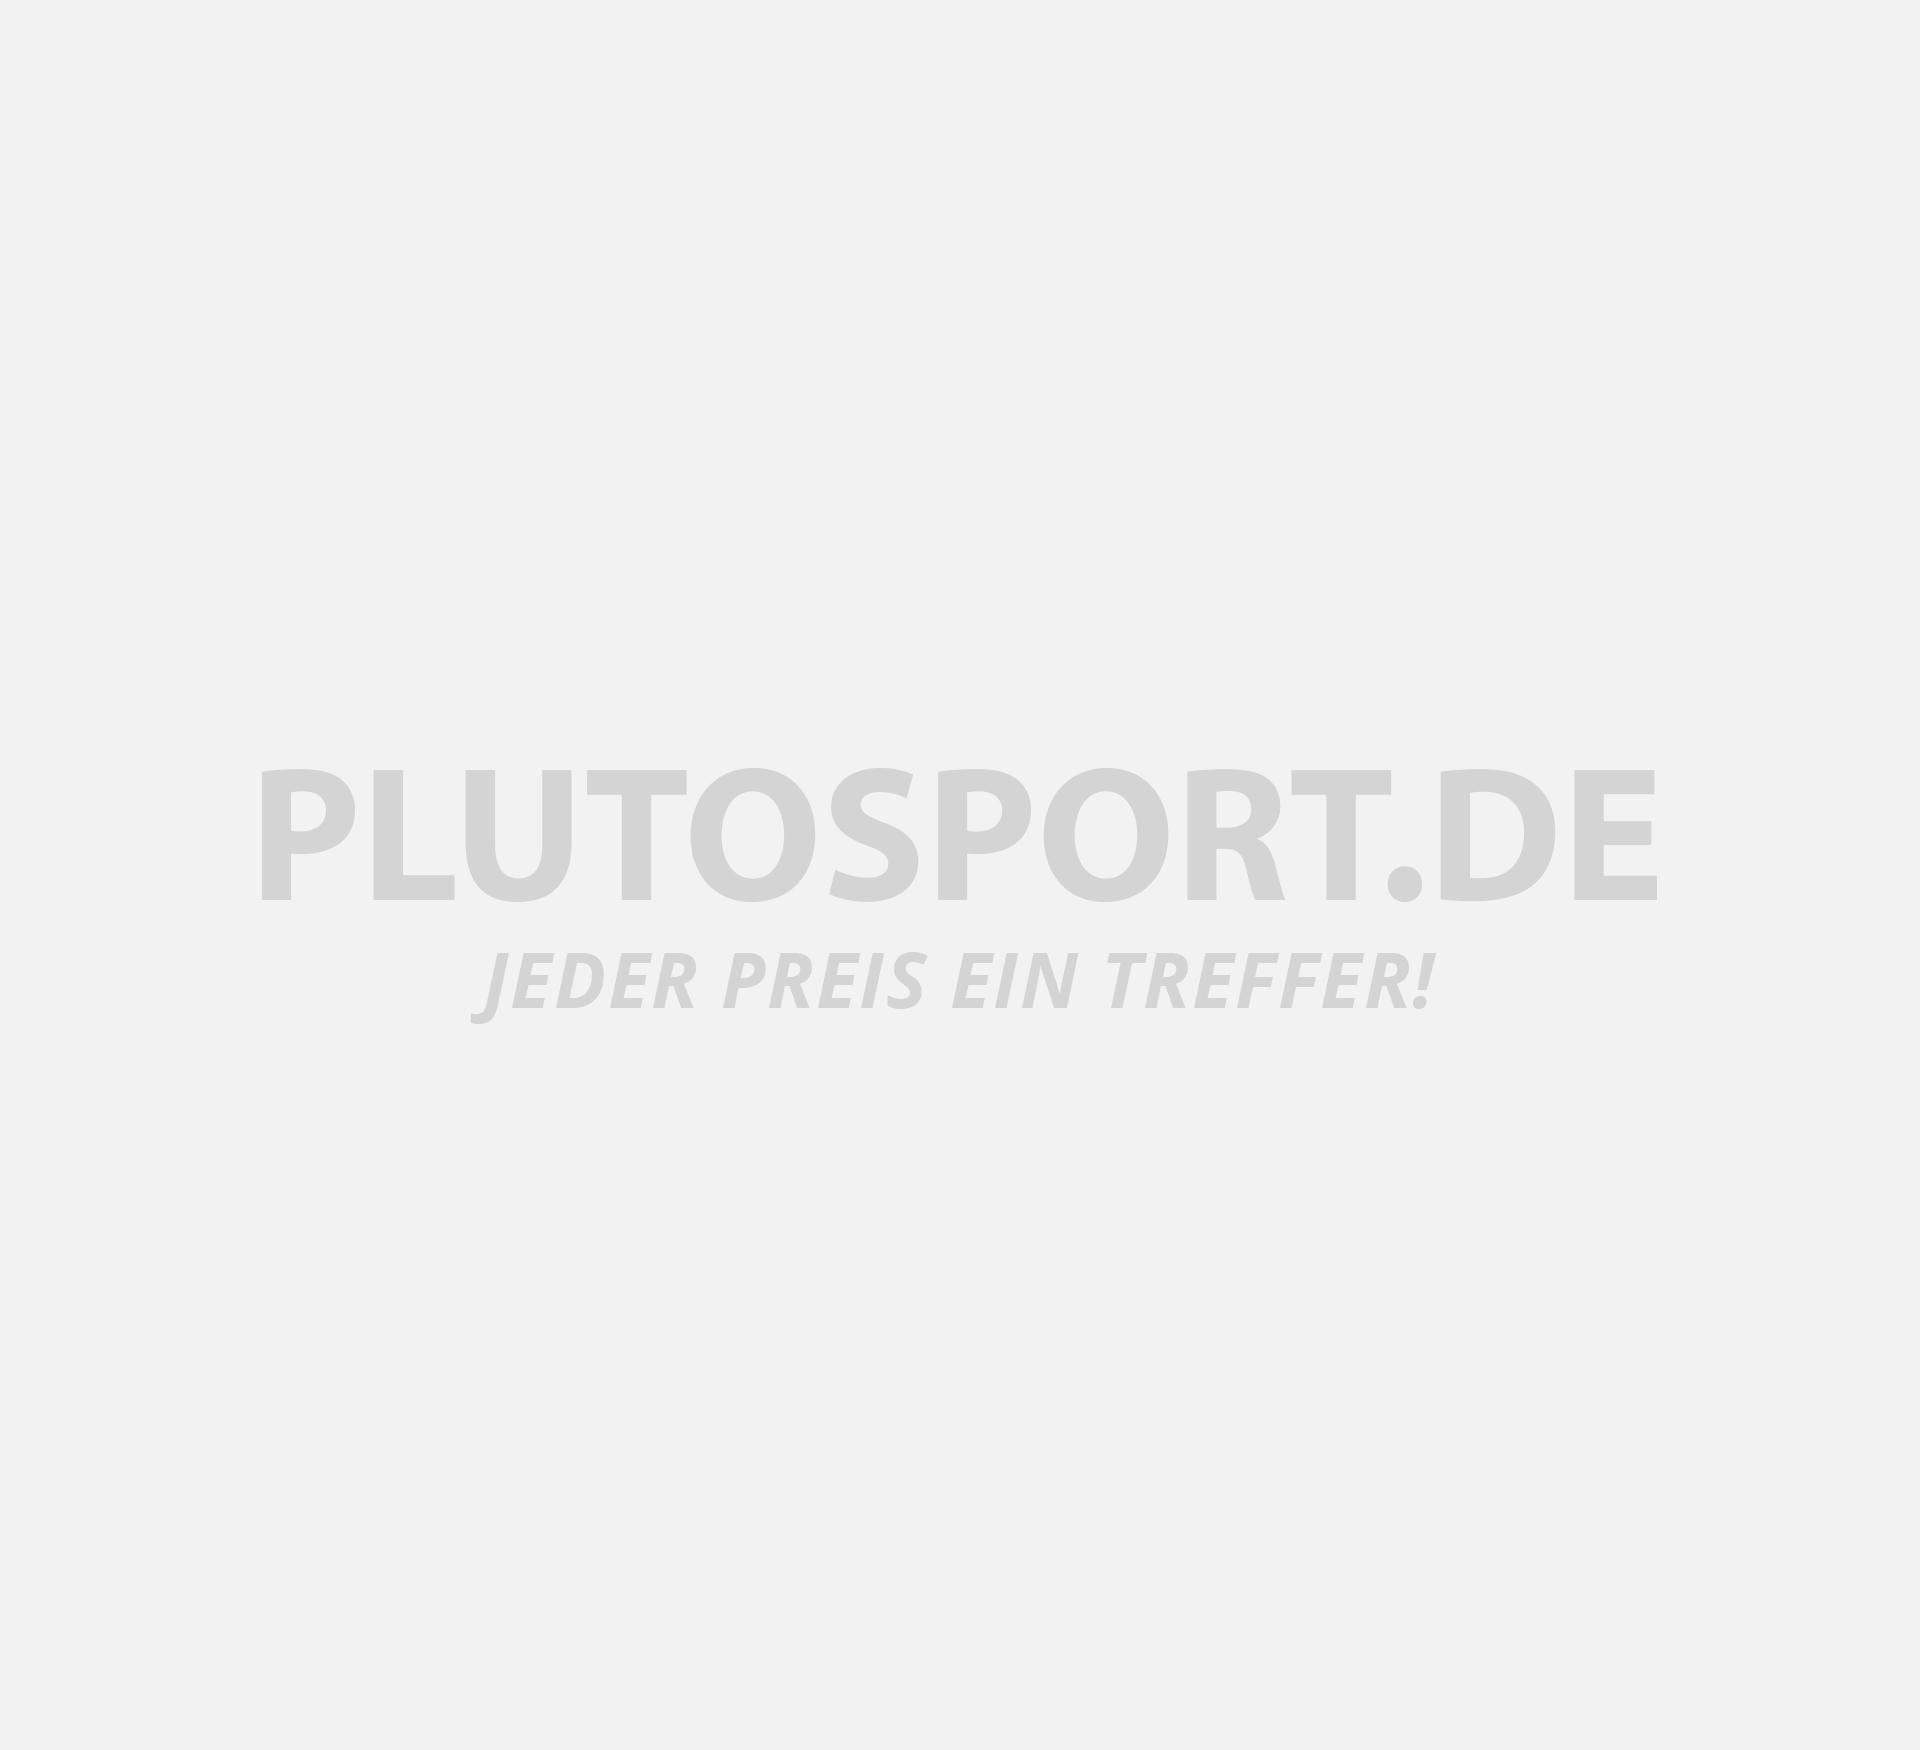 Nike Pro Tennis / Golf Ellbogen Brace 3.0